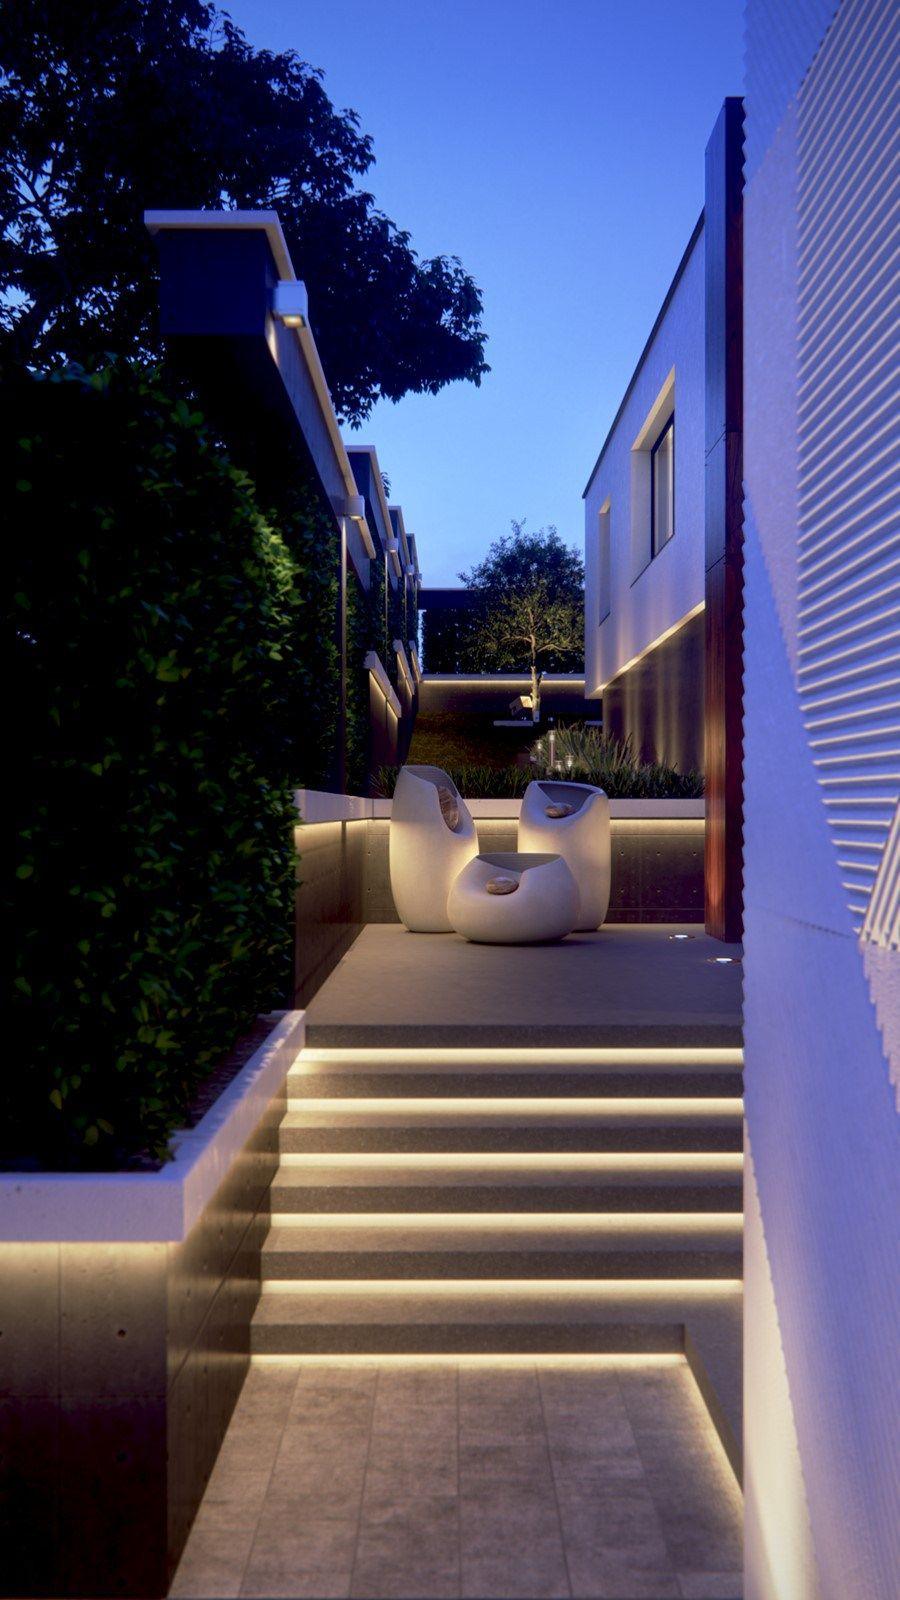 Hill House By Musa Studio 25 Avec Images Abris De Jardin Design Eclairage Piscine Eclairage Exterieur